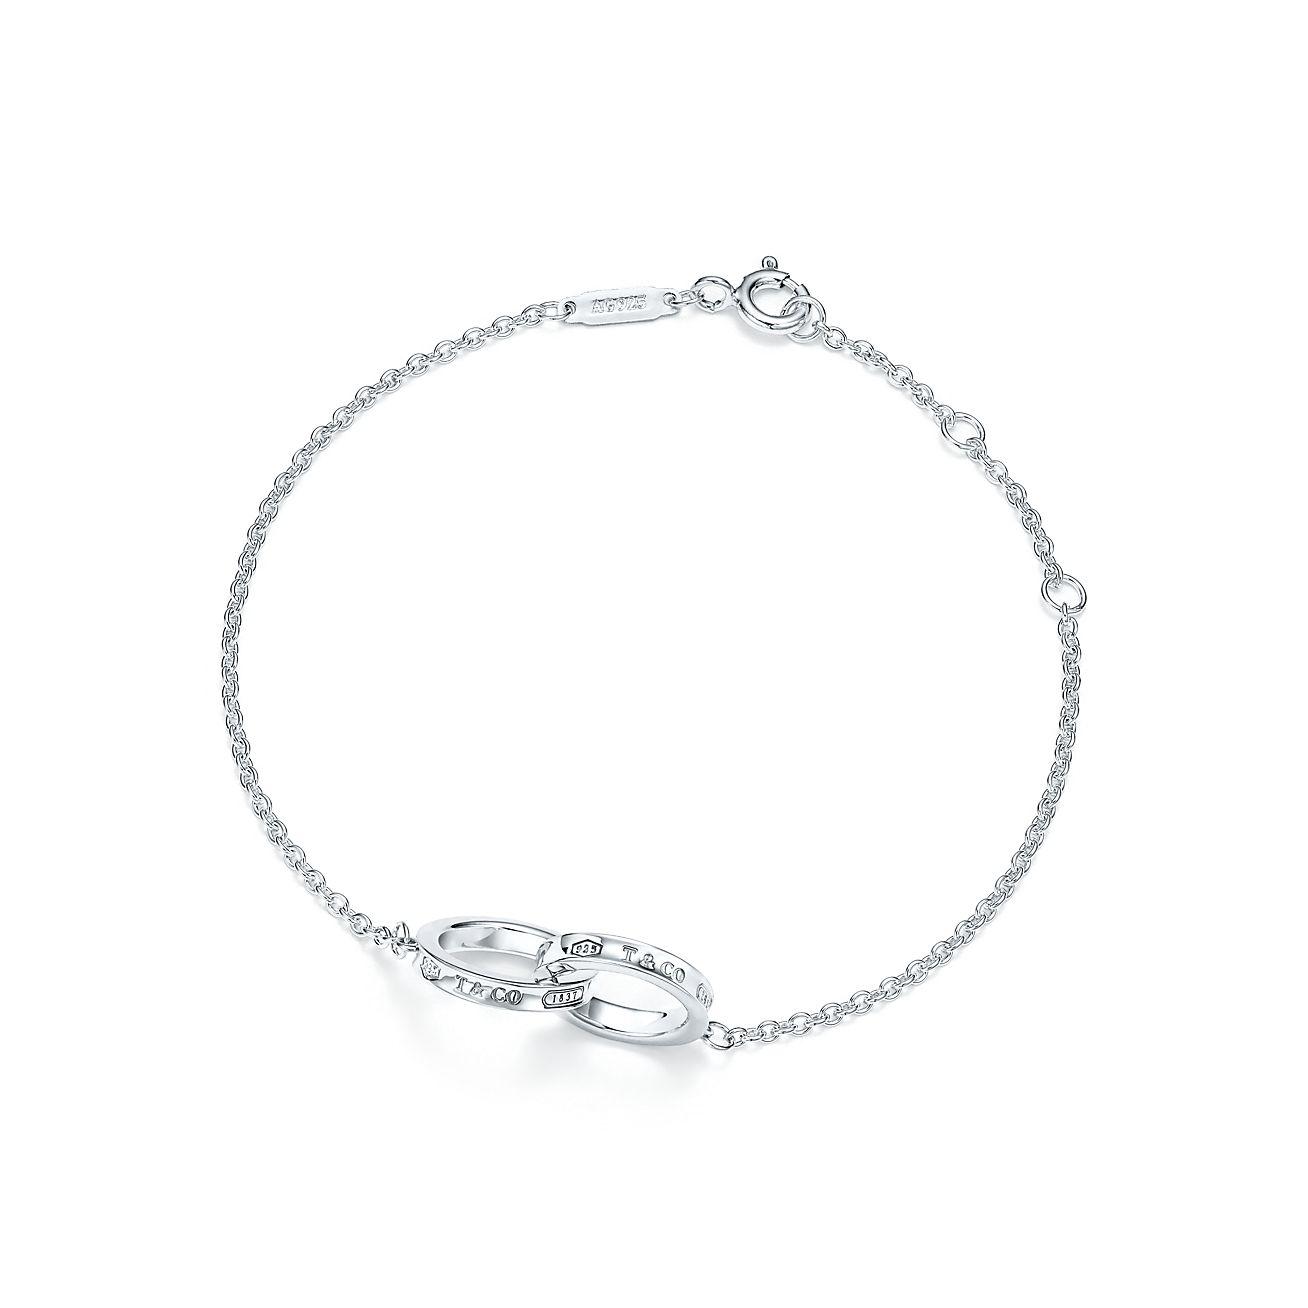 Tiffany 1837 Interlocking Bracelet